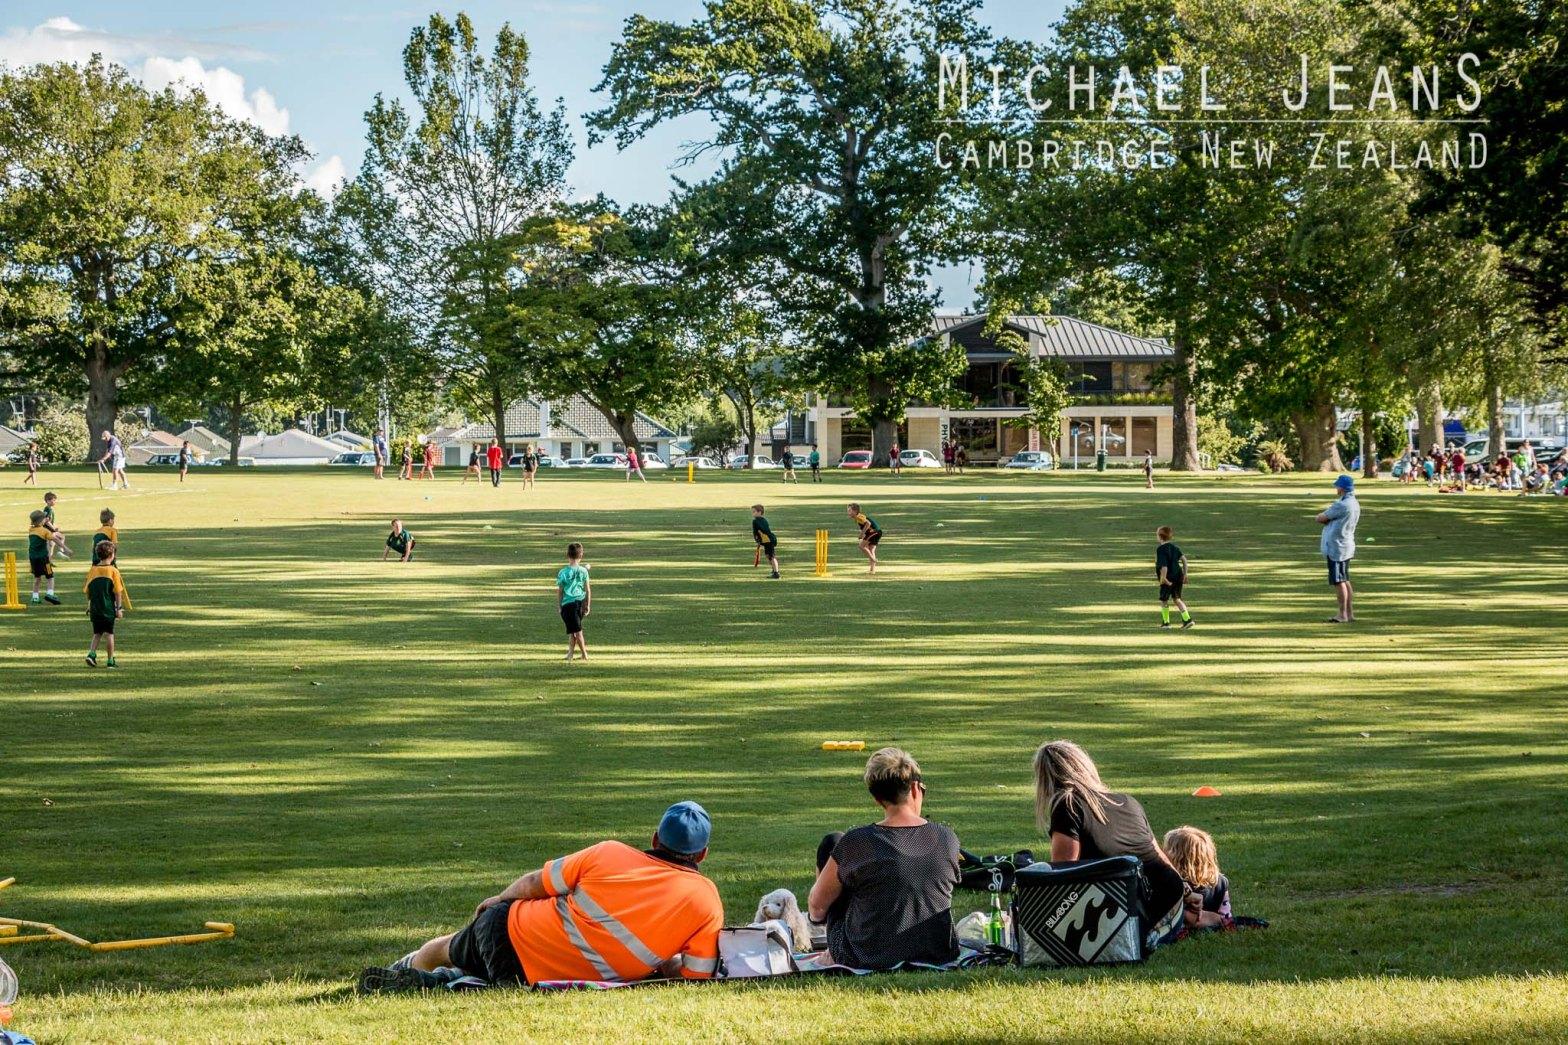 Victoria Square Cambridge New Zealand